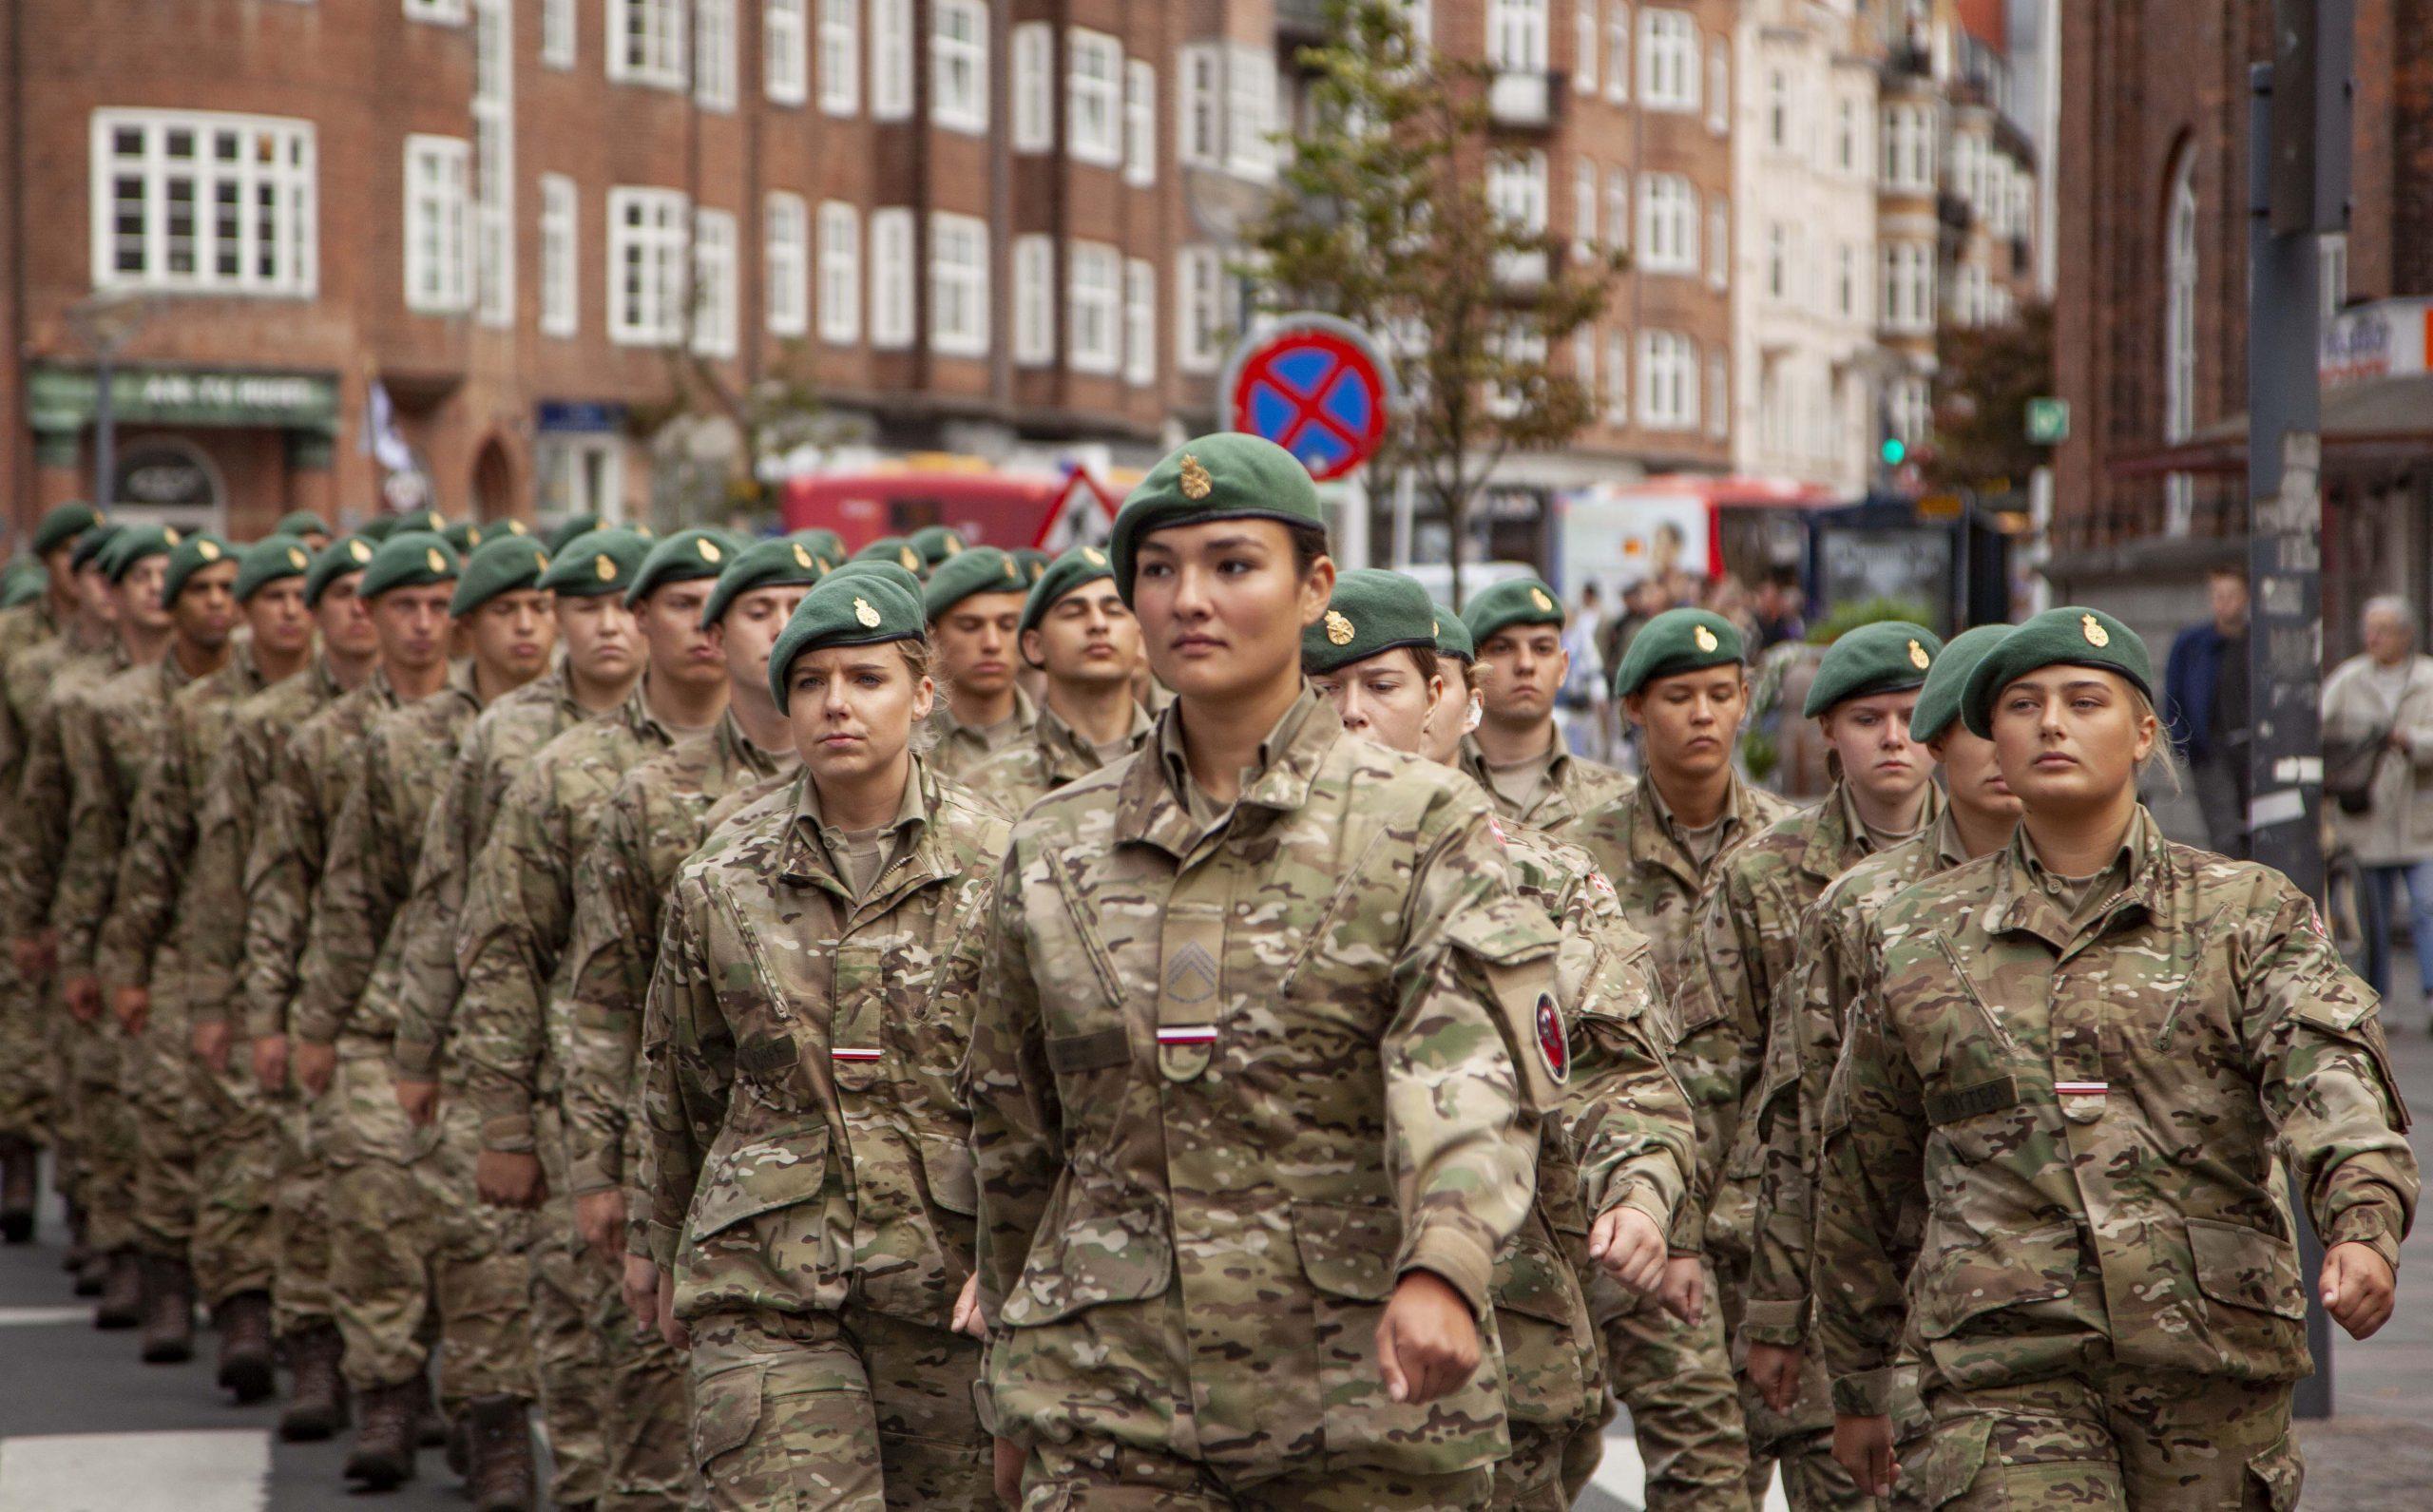 Vil påvirke trafikken: Stor militærparade i Aalborgs gader i denne uge